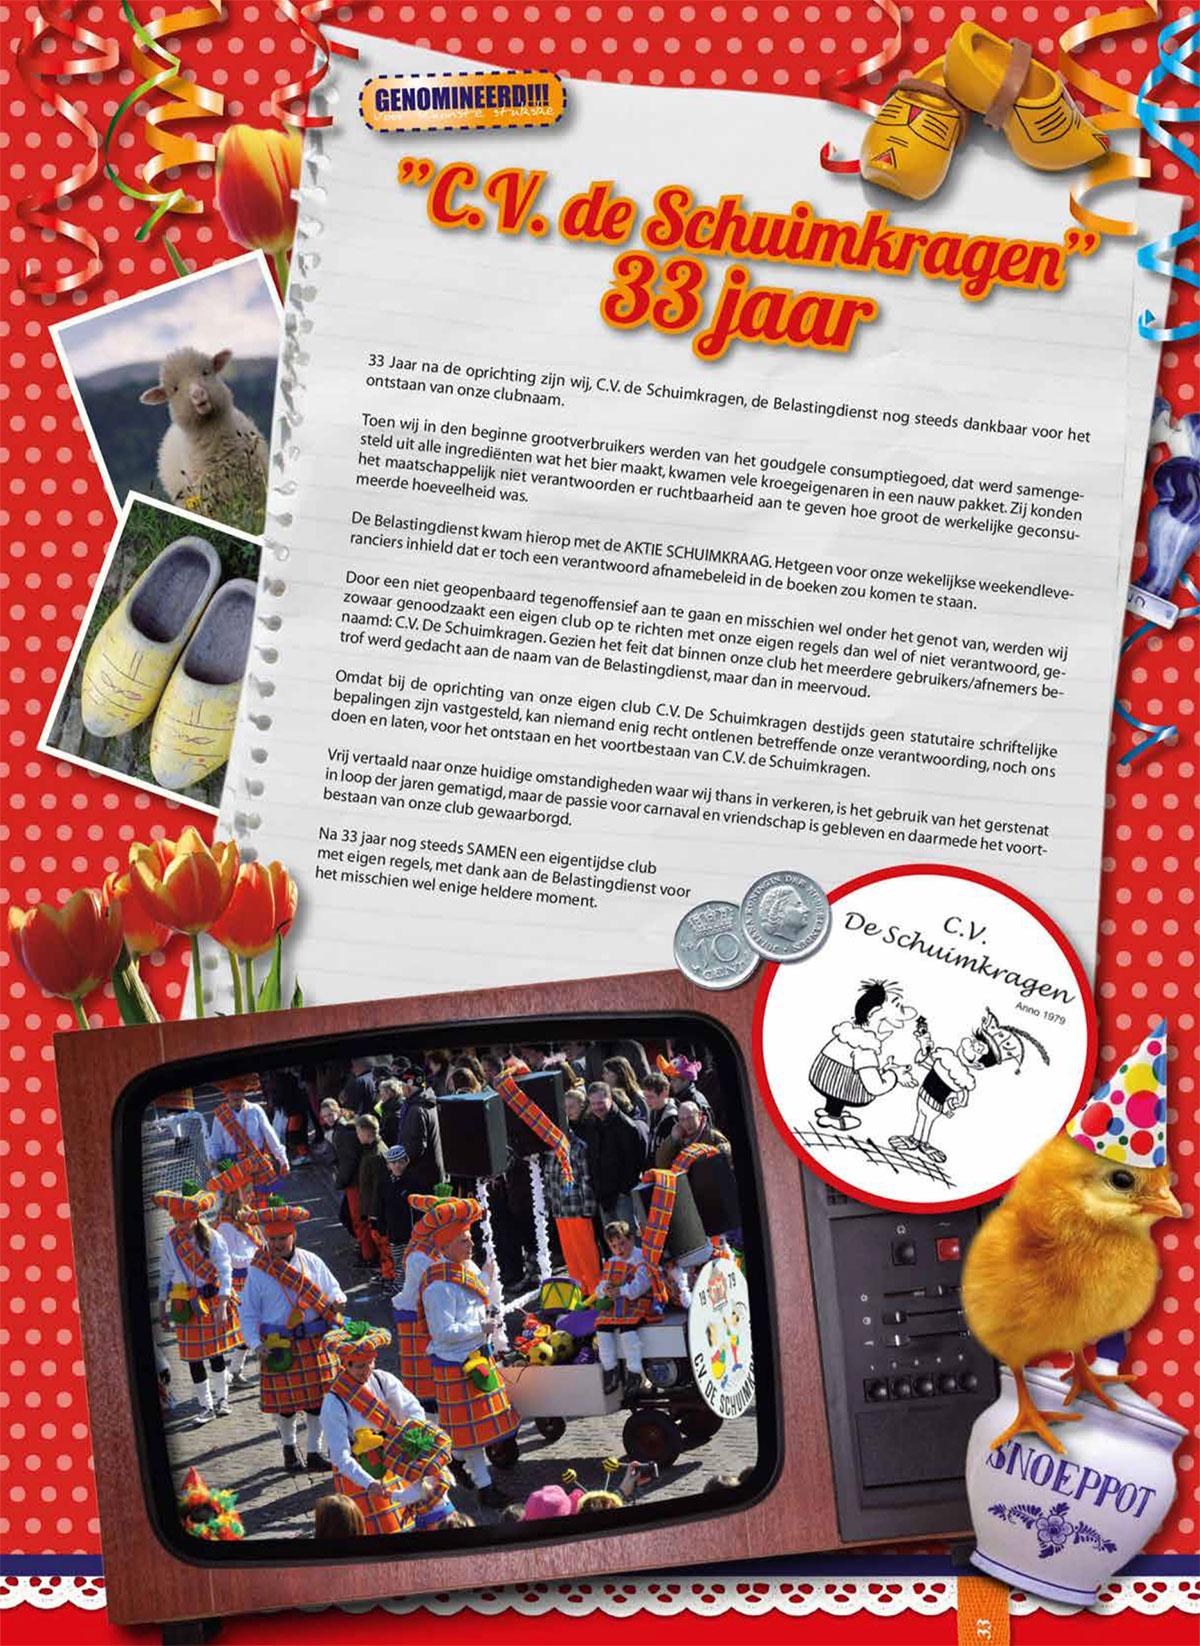 Stukje uit de carnavalskrant van de Schuimkragen - 2012